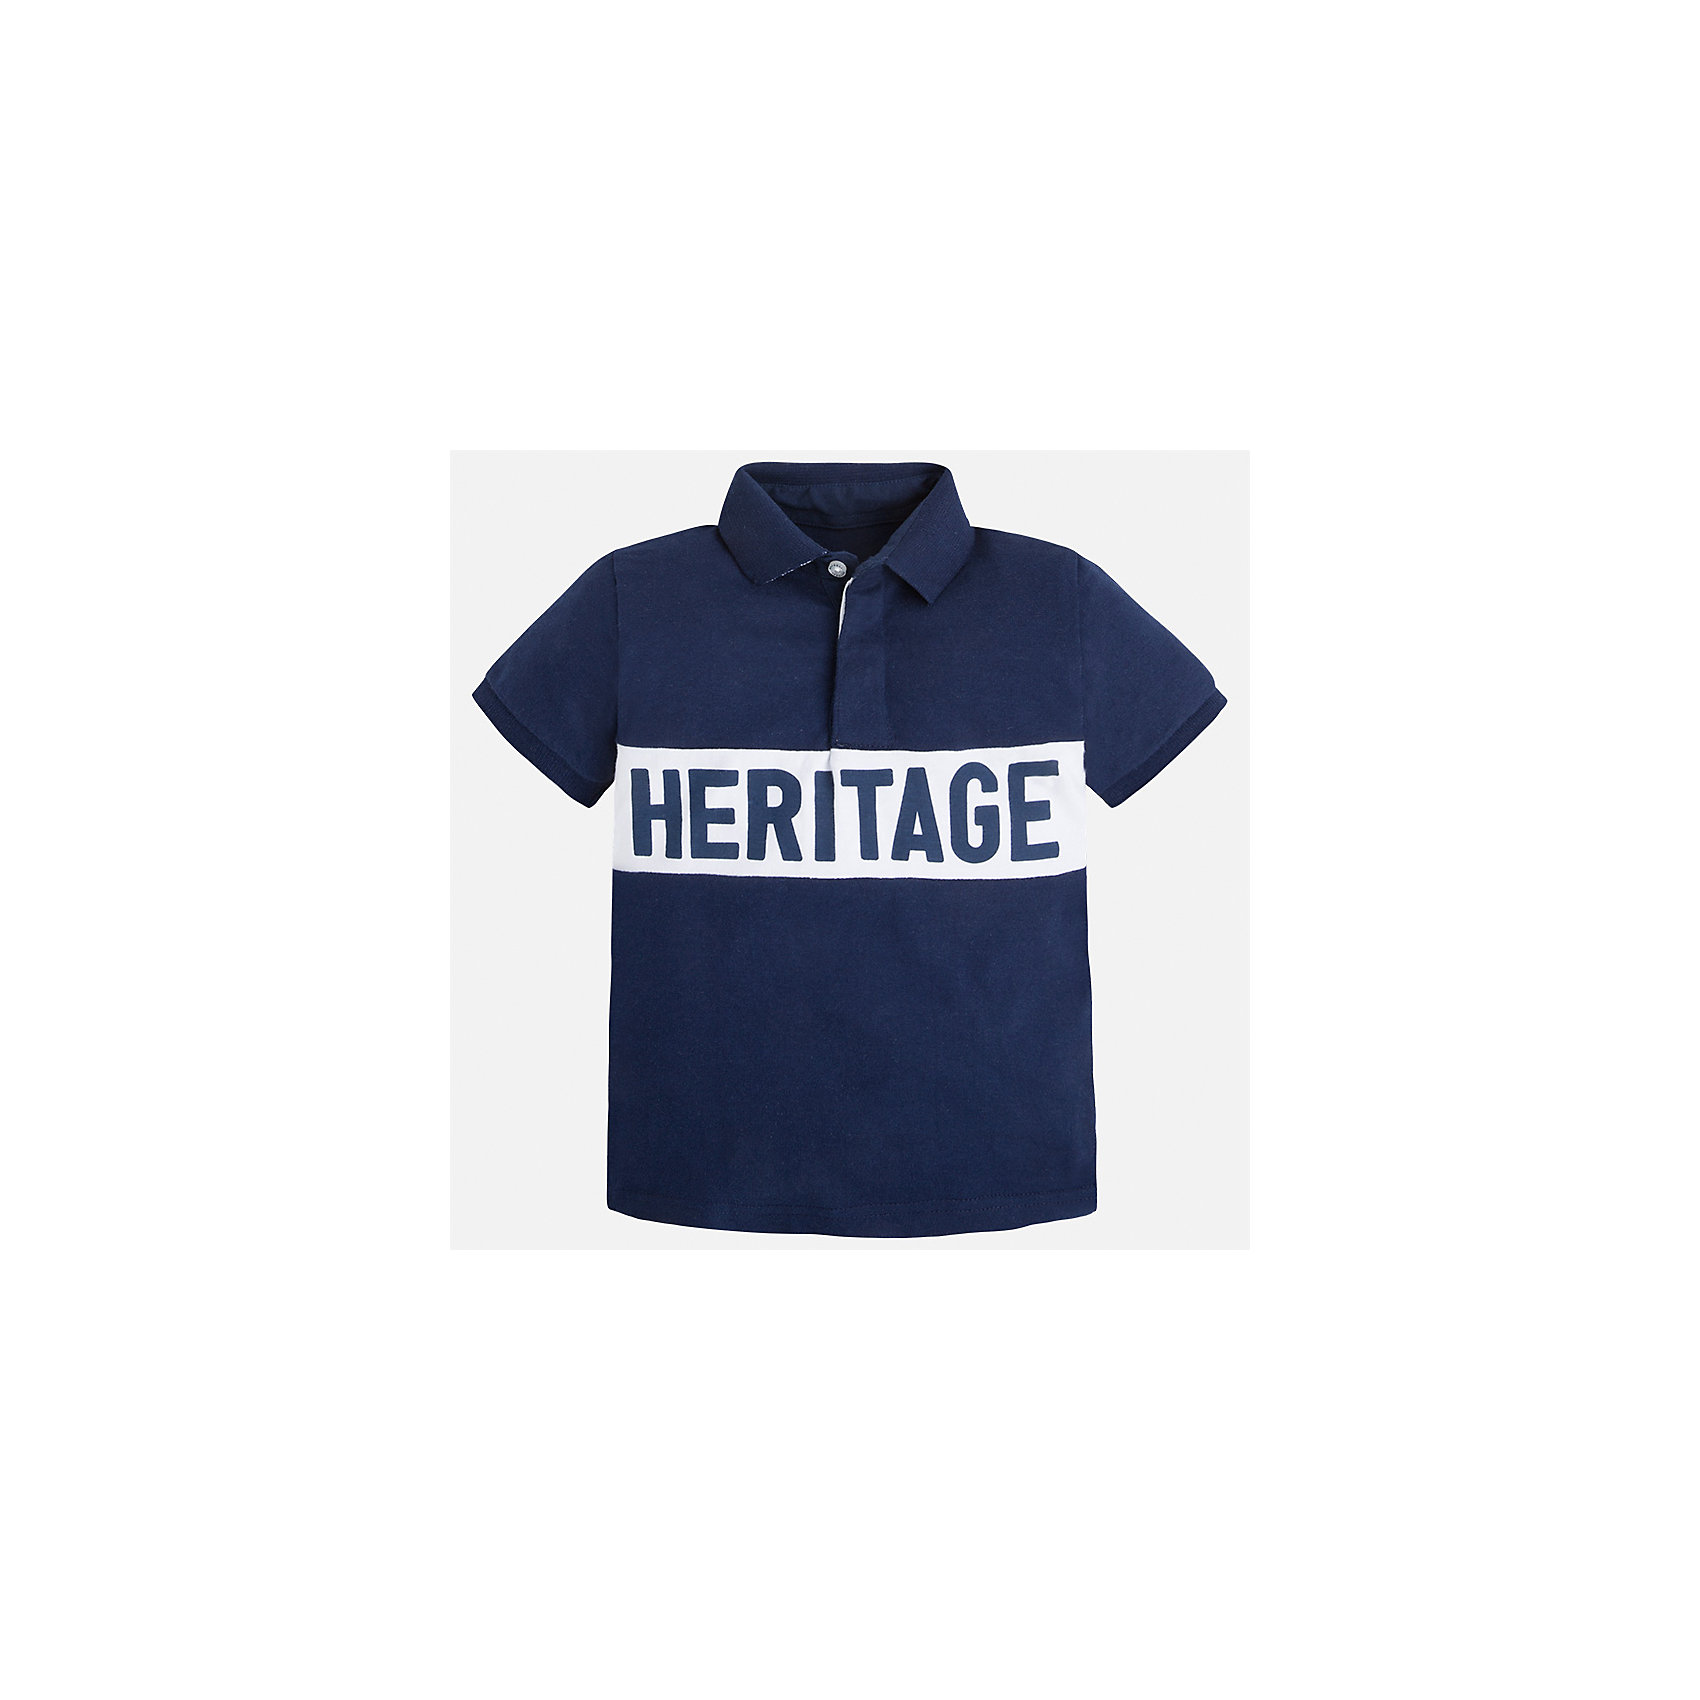 Рубашка-поло для мальчика MayoralХарактеристики товара:<br><br>• цвет: синий<br>• состав: 100% хлопок<br>• отложной воротник<br>• короткие рукава<br>• застежка: пуговицы<br>• декорирована вышивкой<br>• страна бренда: Испания<br><br>Стильная футболка-поло для мальчика может стать базовой вещью в гардеробе ребенка. Она отлично сочетается с брюками, шортами, джинсами и т.д. Универсальный крой и цвет позволяет подобрать к вещи низ разных расцветок. Практичное и стильное изделие! В составе материала - только натуральный хлопок, гипоаллергенный, приятный на ощупь, дышащий.<br><br>Одежда, обувь и аксессуары от испанского бренда Mayoral полюбились детям и взрослым по всему миру. Модели этой марки - стильные и удобные. Для их производства используются только безопасные, качественные материалы и фурнитура. Порадуйте ребенка модными и красивыми вещами от Mayoral! <br><br>Футболку-поло для мальчика от испанского бренда Mayoral (Майорал) можно купить в нашем интернет-магазине.<br><br>Ширина мм: 230<br>Глубина мм: 40<br>Высота мм: 220<br>Вес г: 250<br>Цвет: синий<br>Возраст от месяцев: 36<br>Возраст до месяцев: 48<br>Пол: Мужской<br>Возраст: Детский<br>Размер: 104,92,98,110,122,134,128,116<br>SKU: 5271976